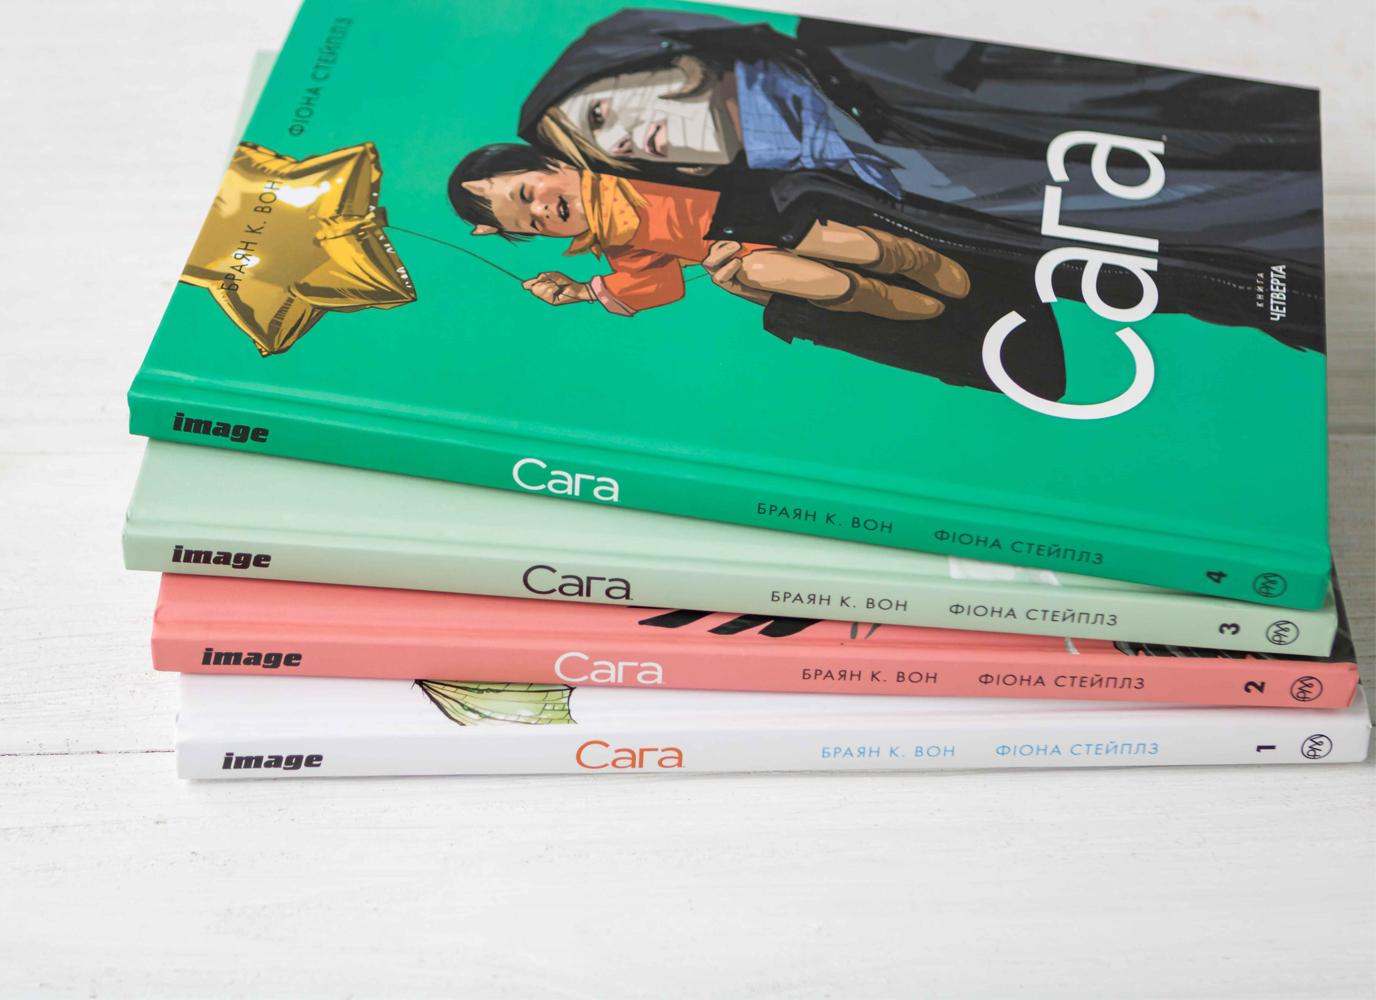 Автор коміксів Браян К. Вон про свій світовий хіт  «Сага» та роботу митця у буремні часи